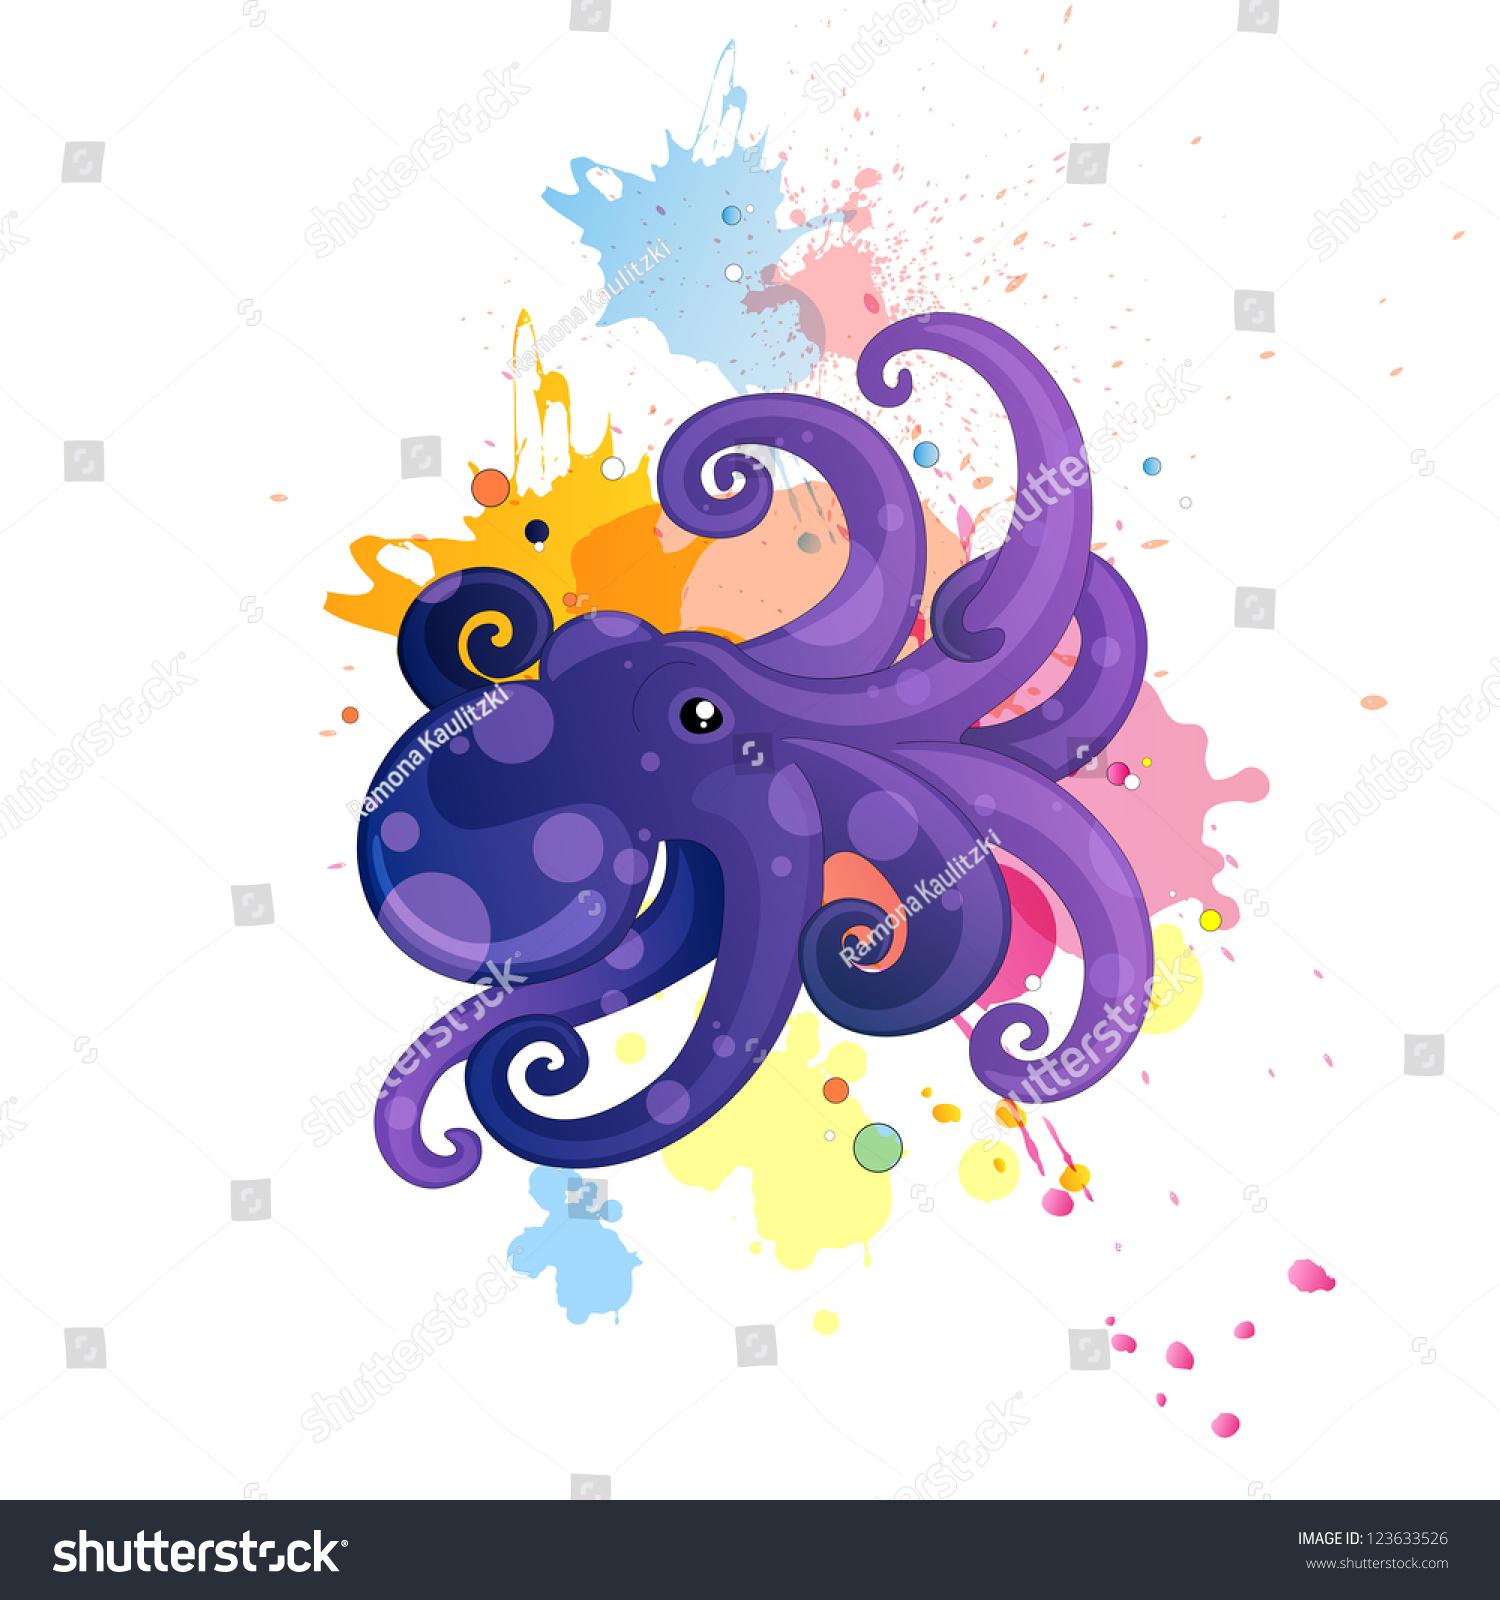 矢量插图漫画章鱼-动物/野生生物